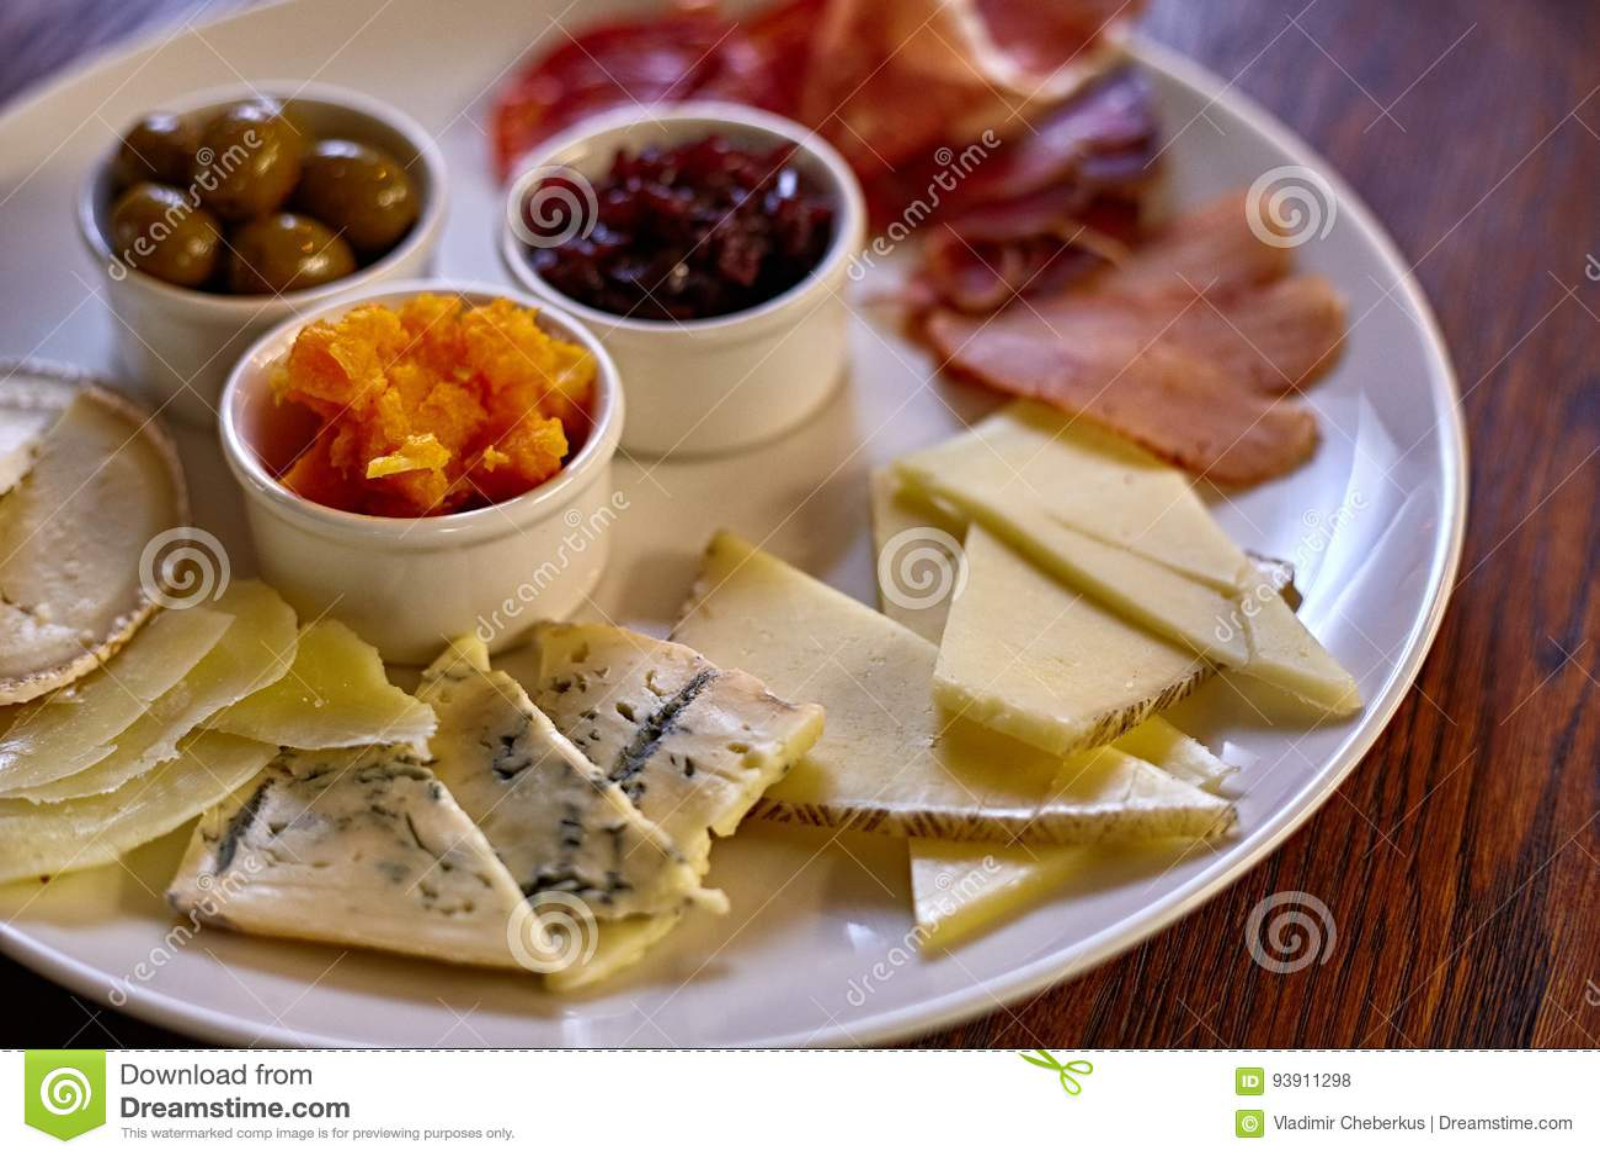 Kaasplaat met verschillende soorten kaas met thymekruiden en okkernoten